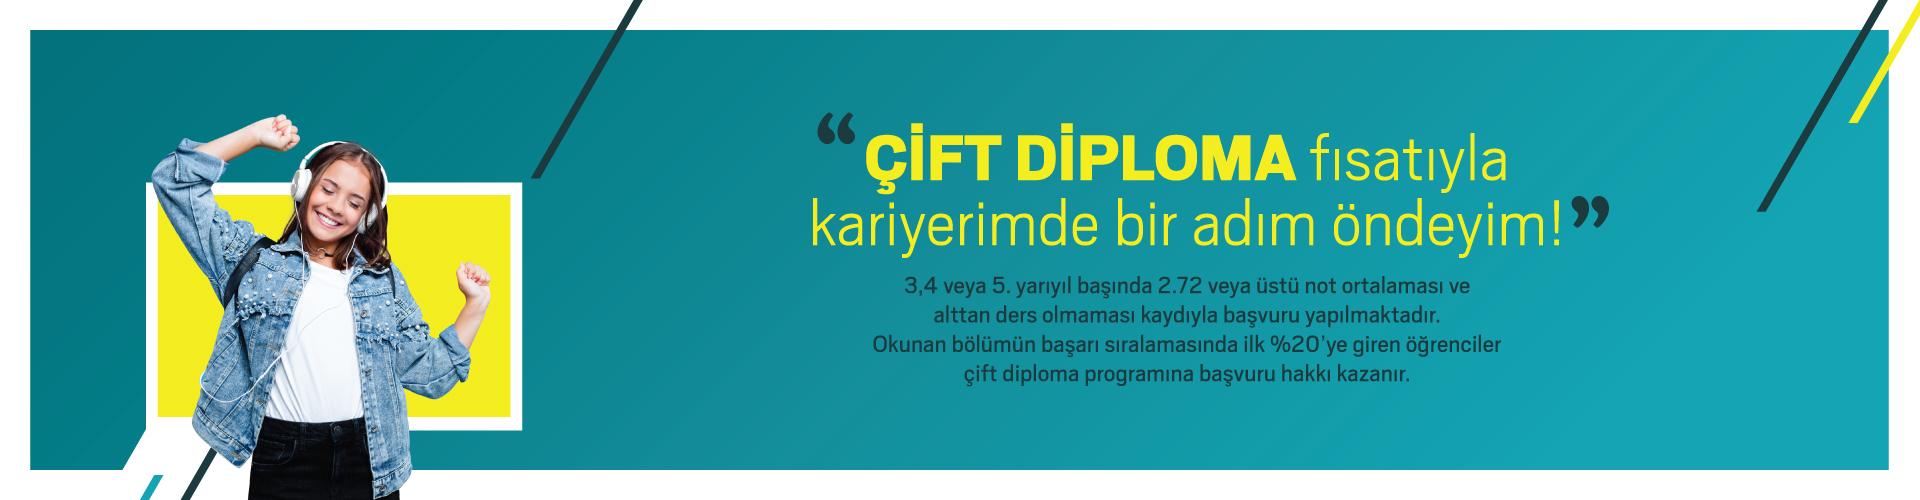 Çift_Diploma_1920x500